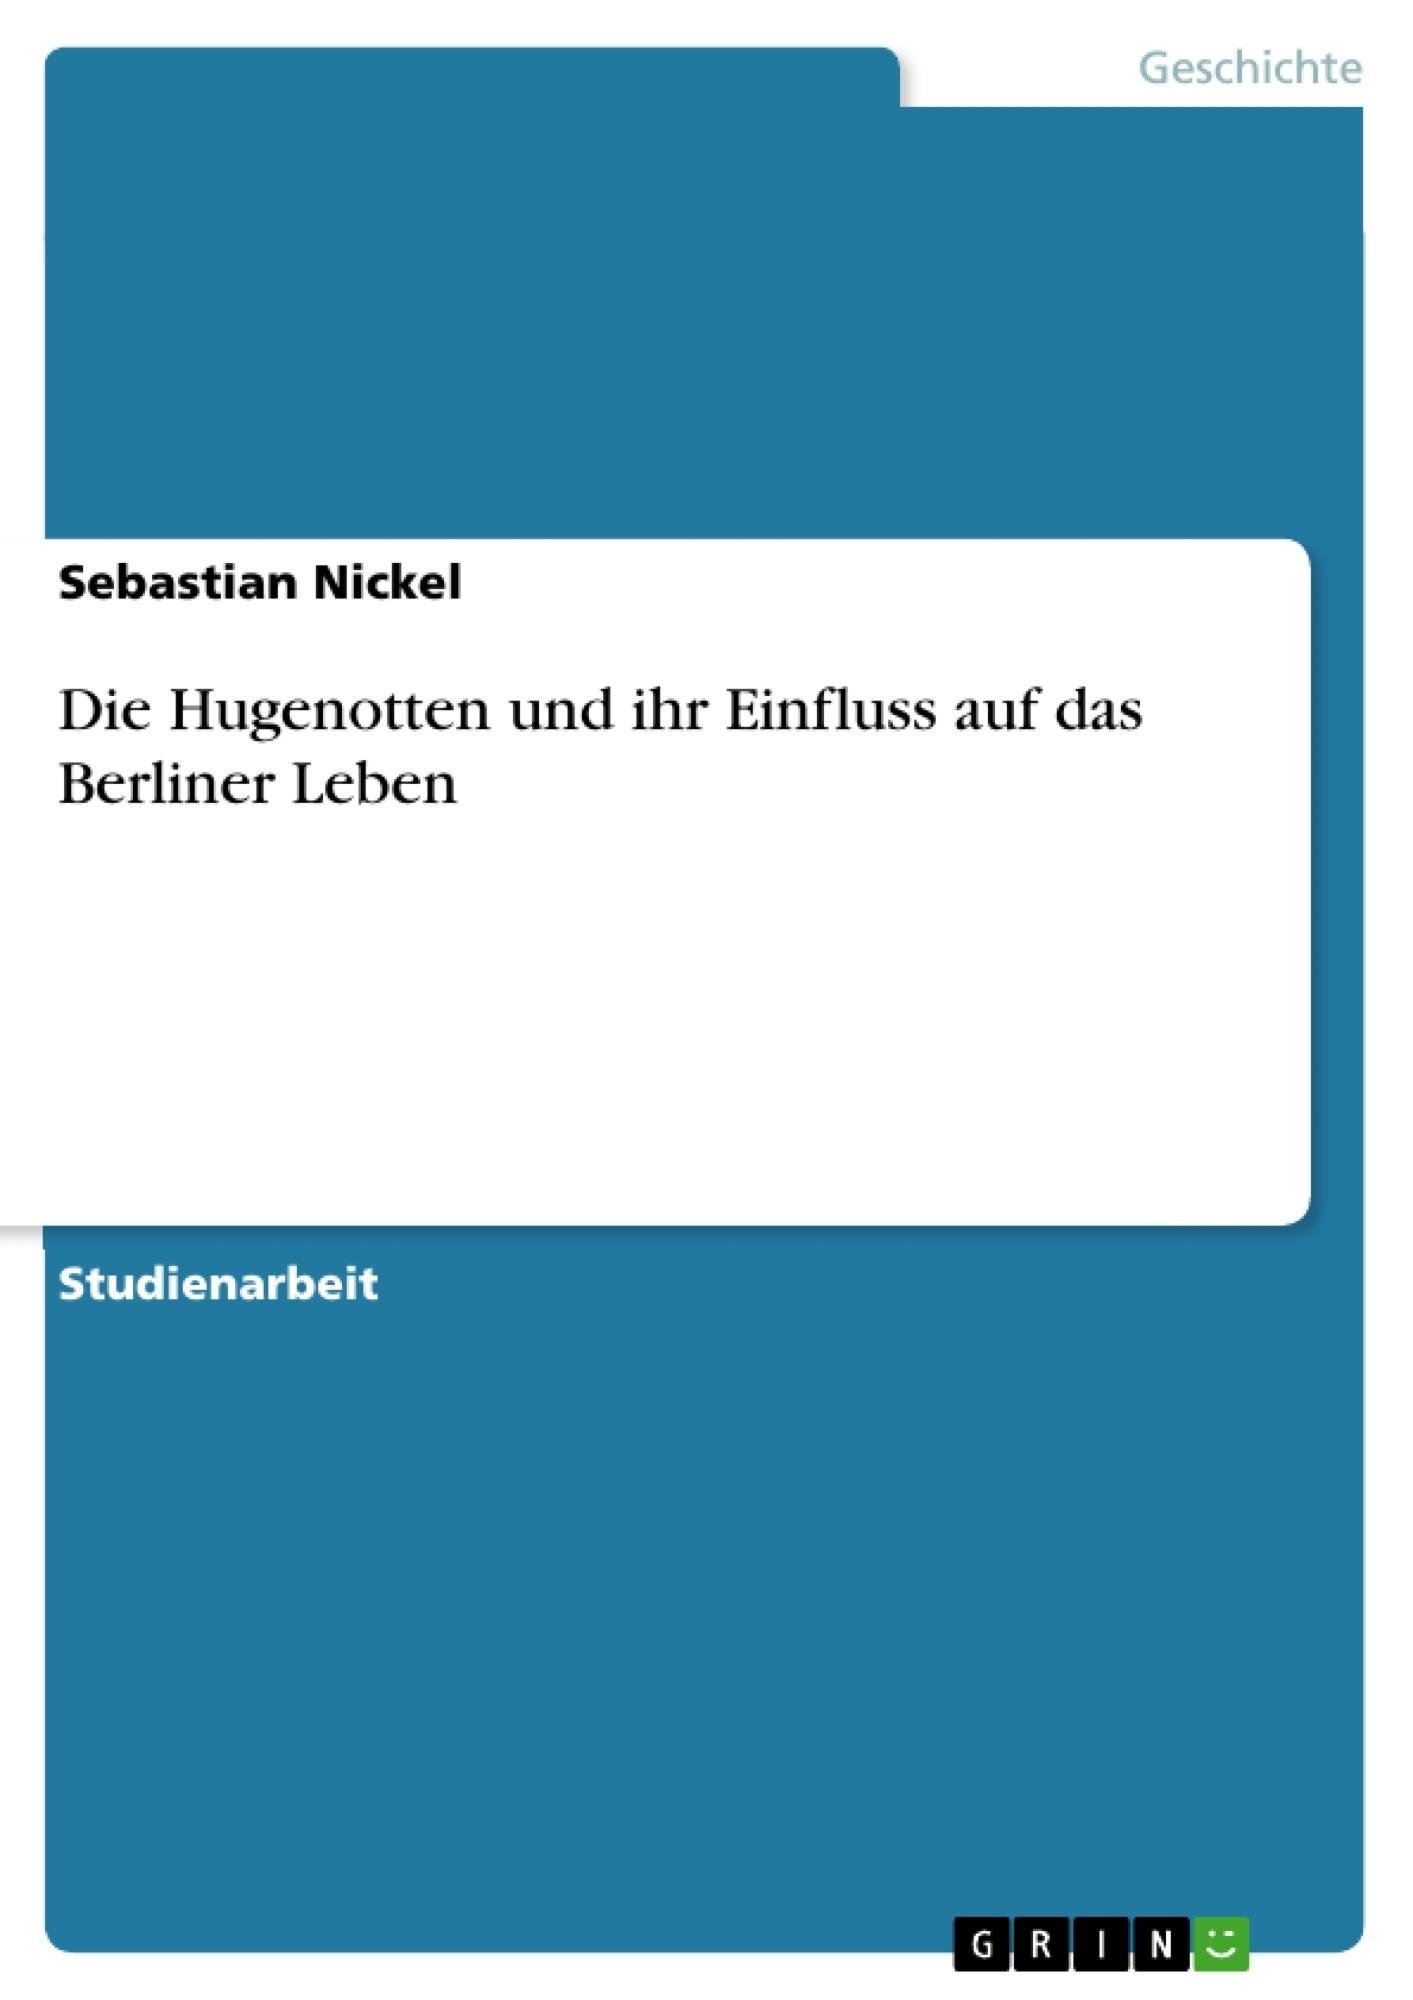 Titel: Die Hugenotten und ihr Einfluss auf das Berliner Leben